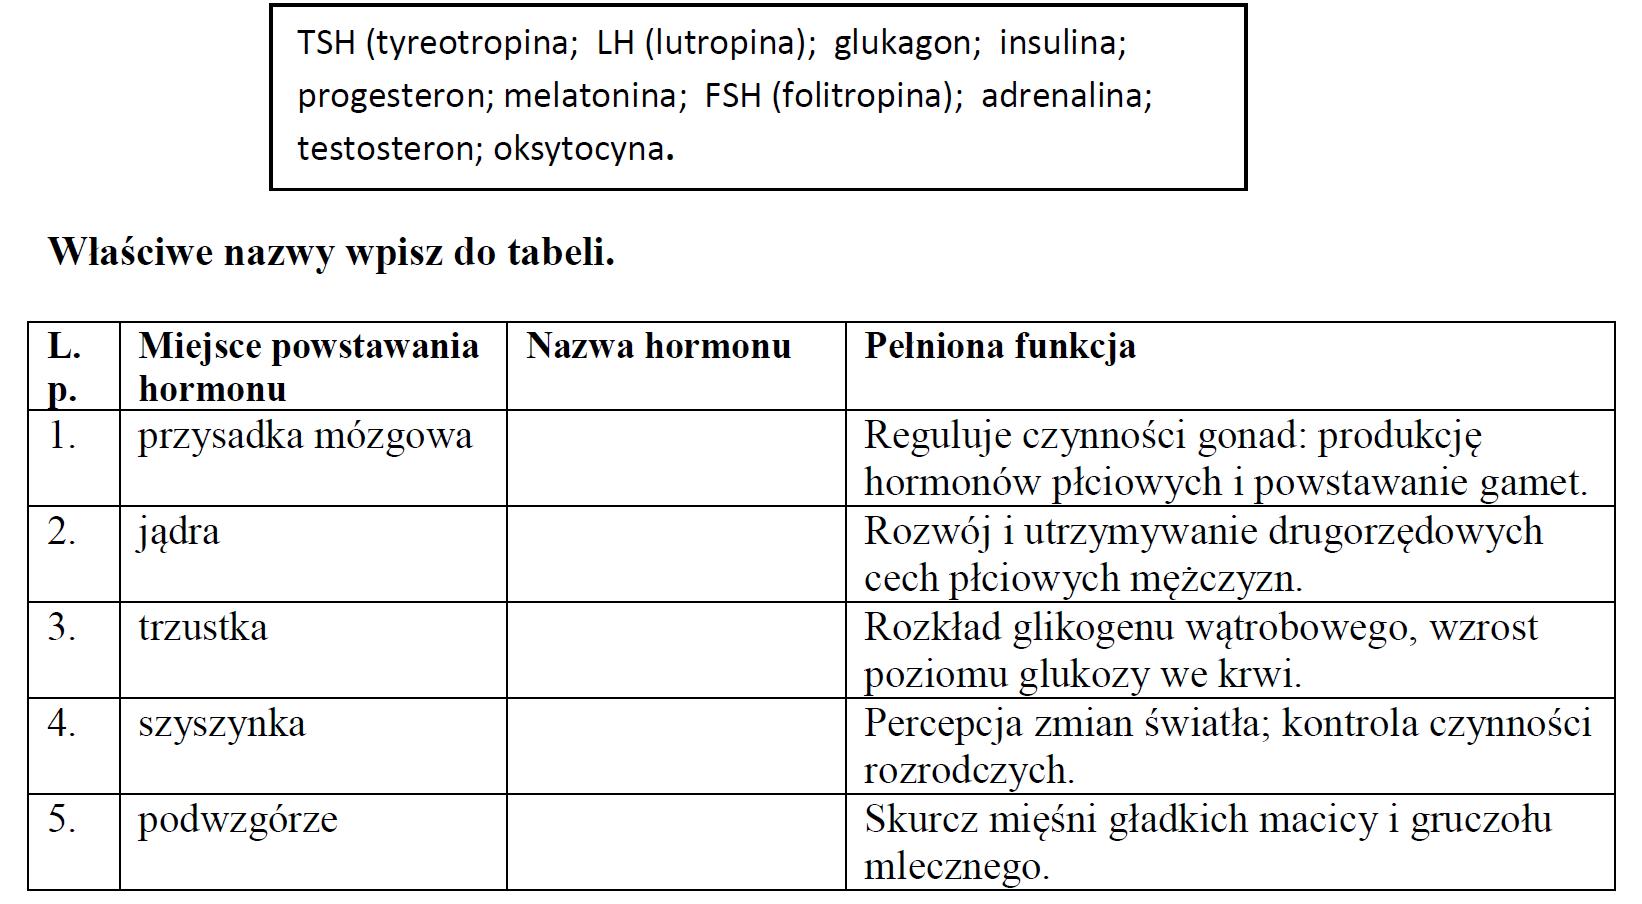 Wybrane z podanego zestawu hormony przyporządkuj do miejsca ich powstawania i pełnionej funkcji.